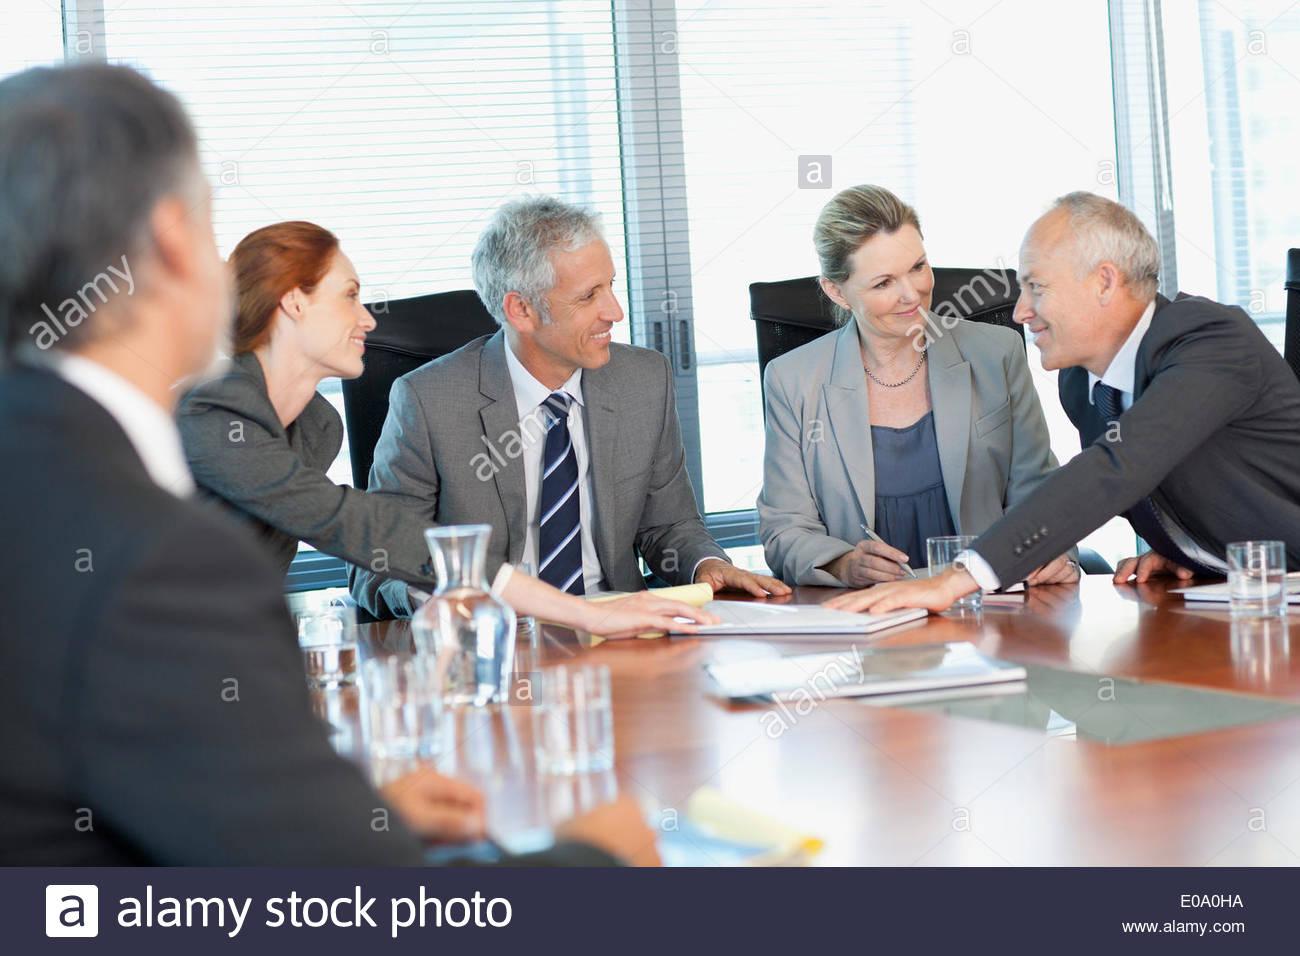 Sorridente business meeting persone al tavolo della sala conferenze Immagini Stock